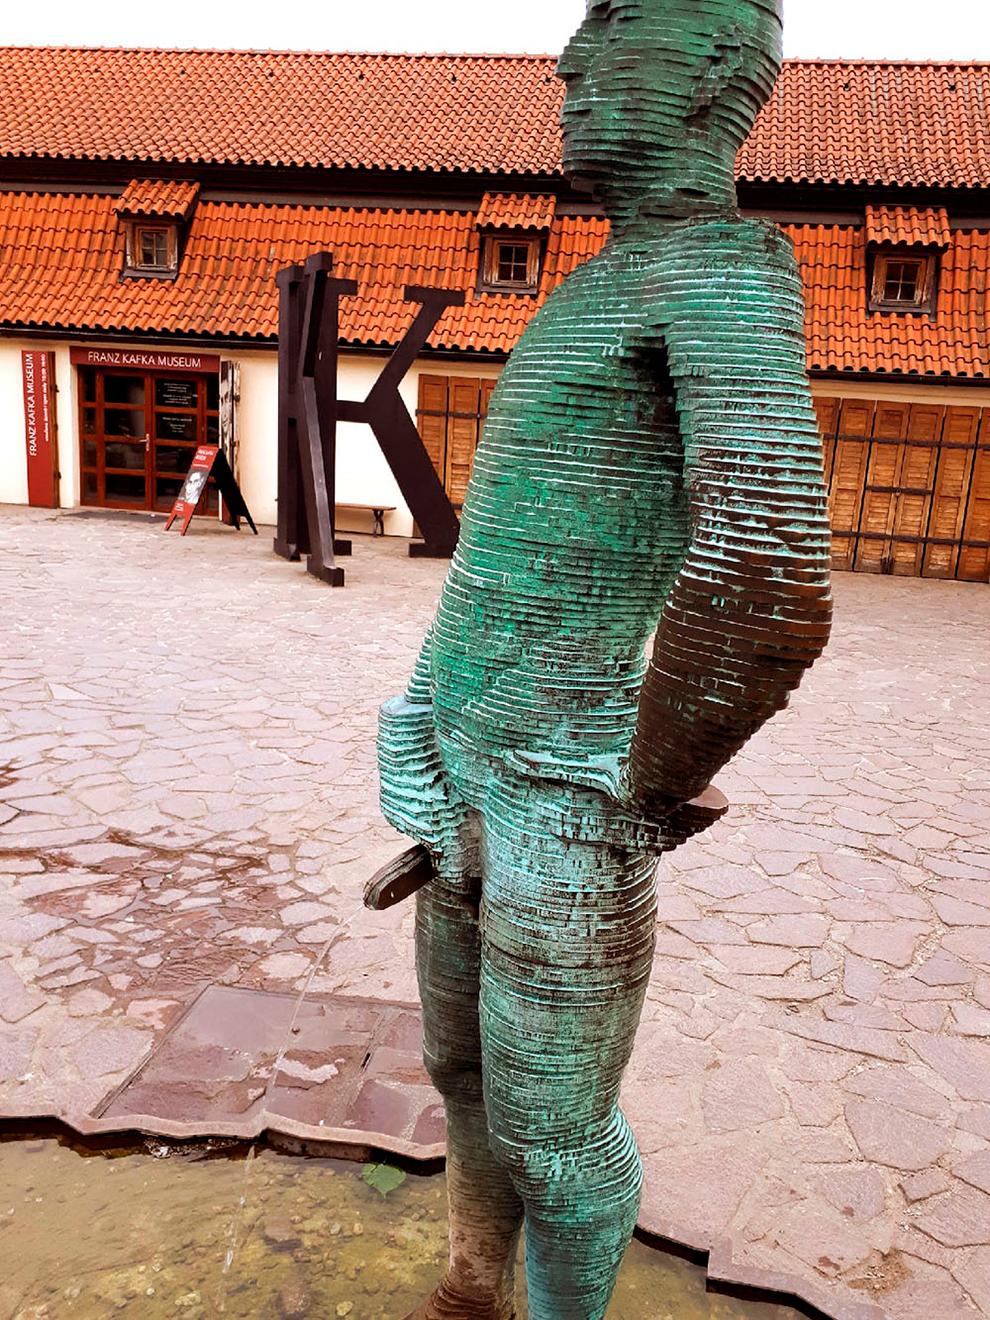 Если отправить смс с текстом на номер 42072 437-07-70, статуи постараются «выписать» послание